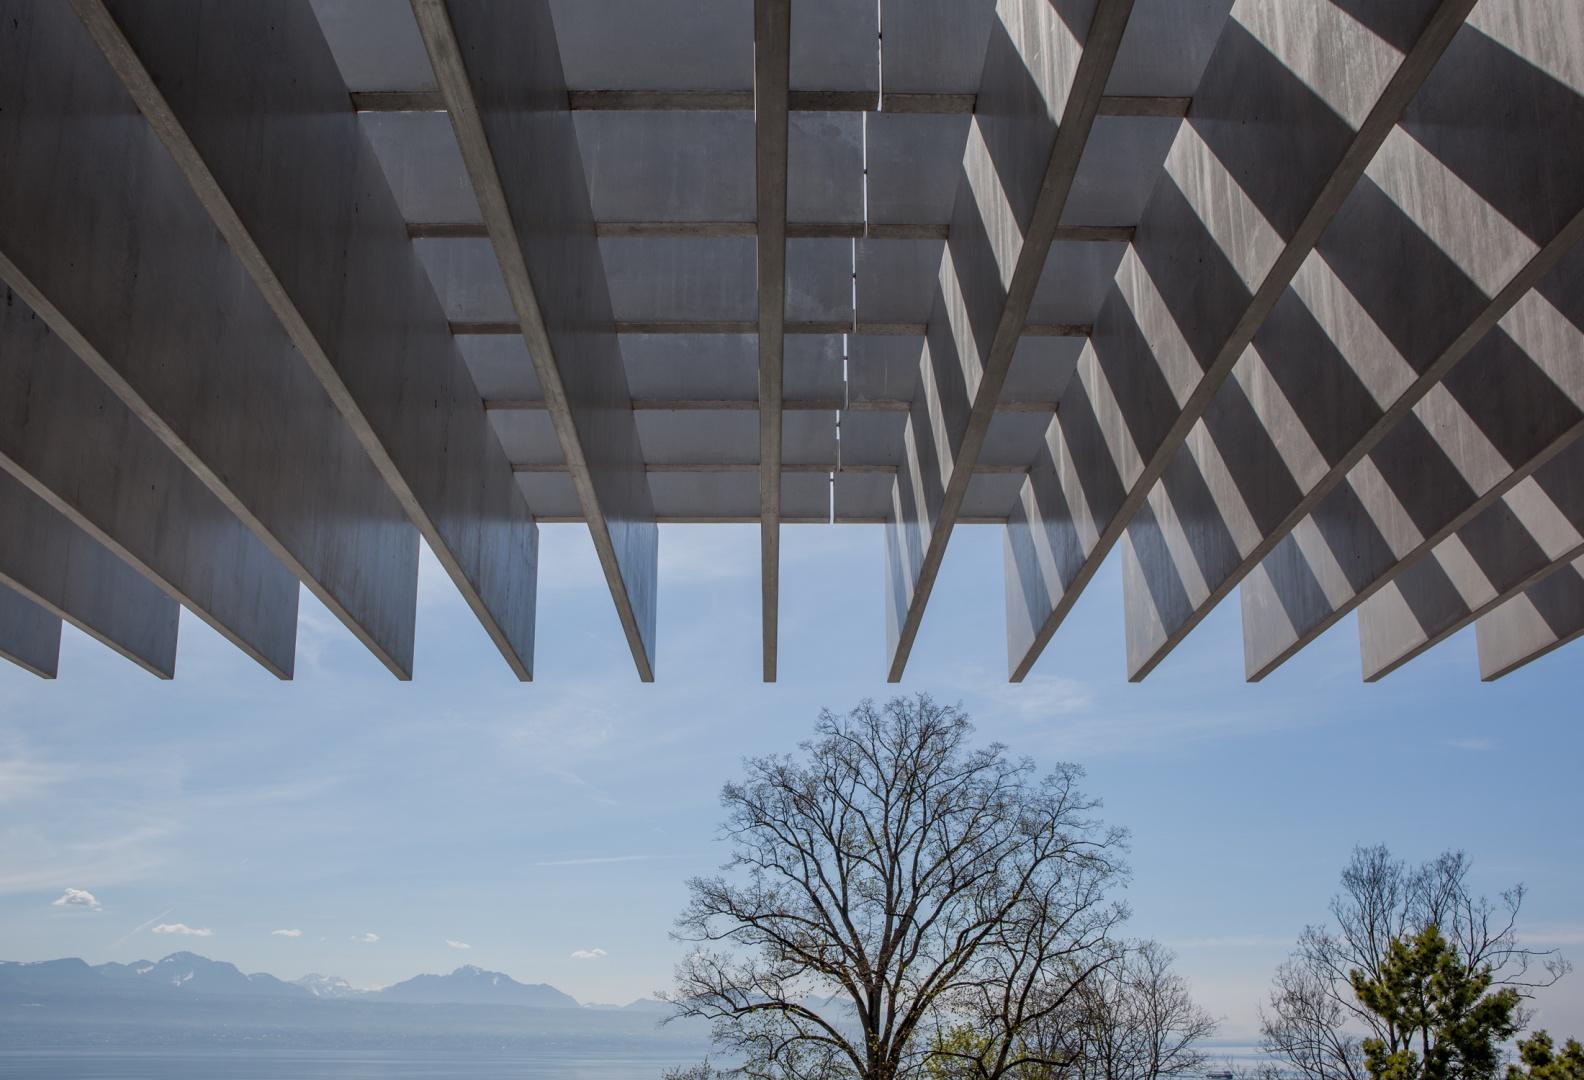 Vue sur le lac depuis la terrasse © Brauen Wälchli Architectes